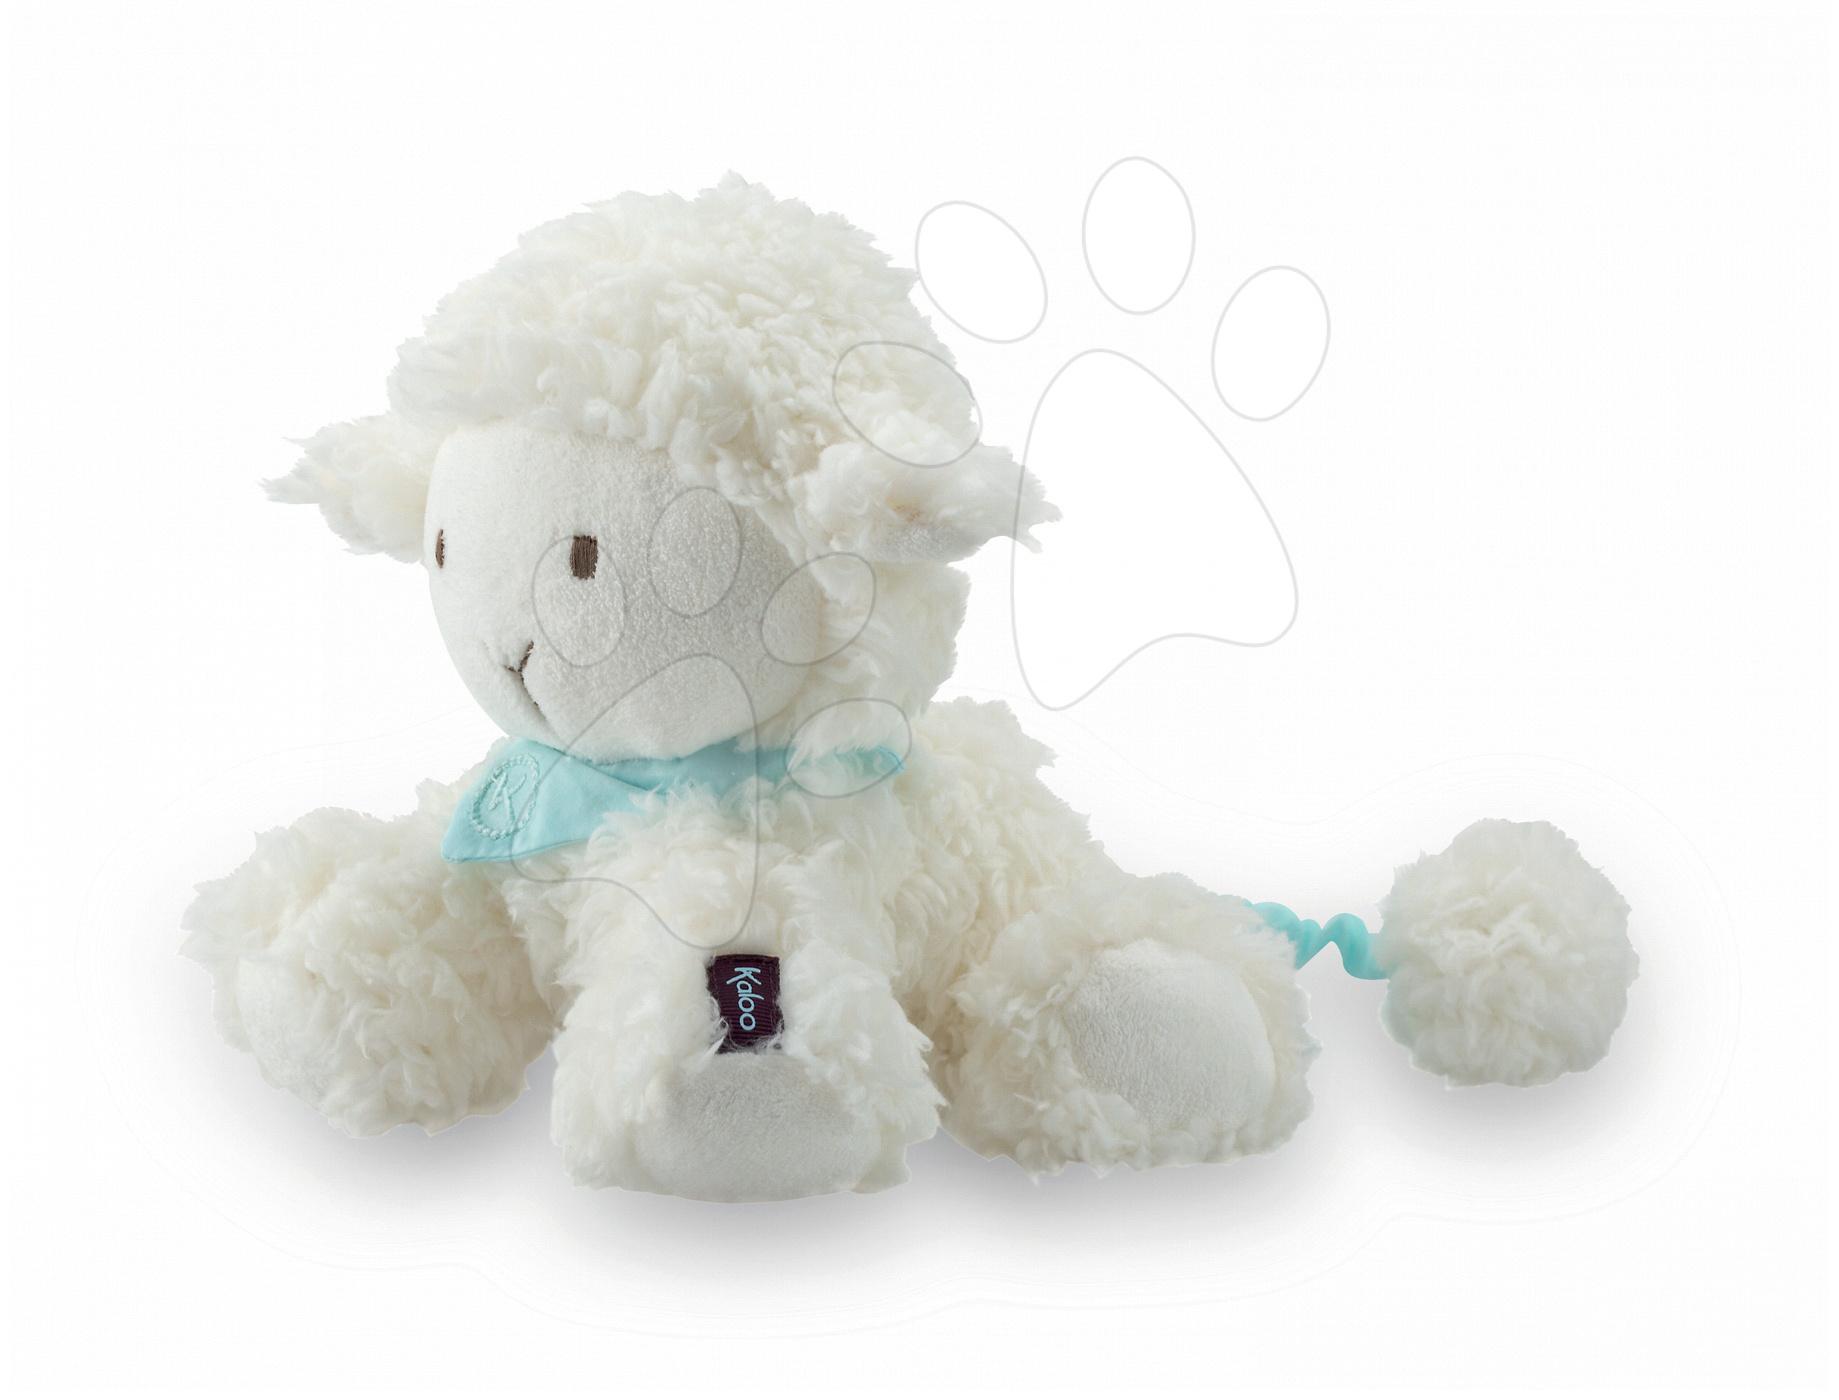 Plyšové zvieratká - Plyšová ovečka Les Amis-Vanille Lamb Kaloo spievajúca 25 cm v darčekovom balení pre najmenších